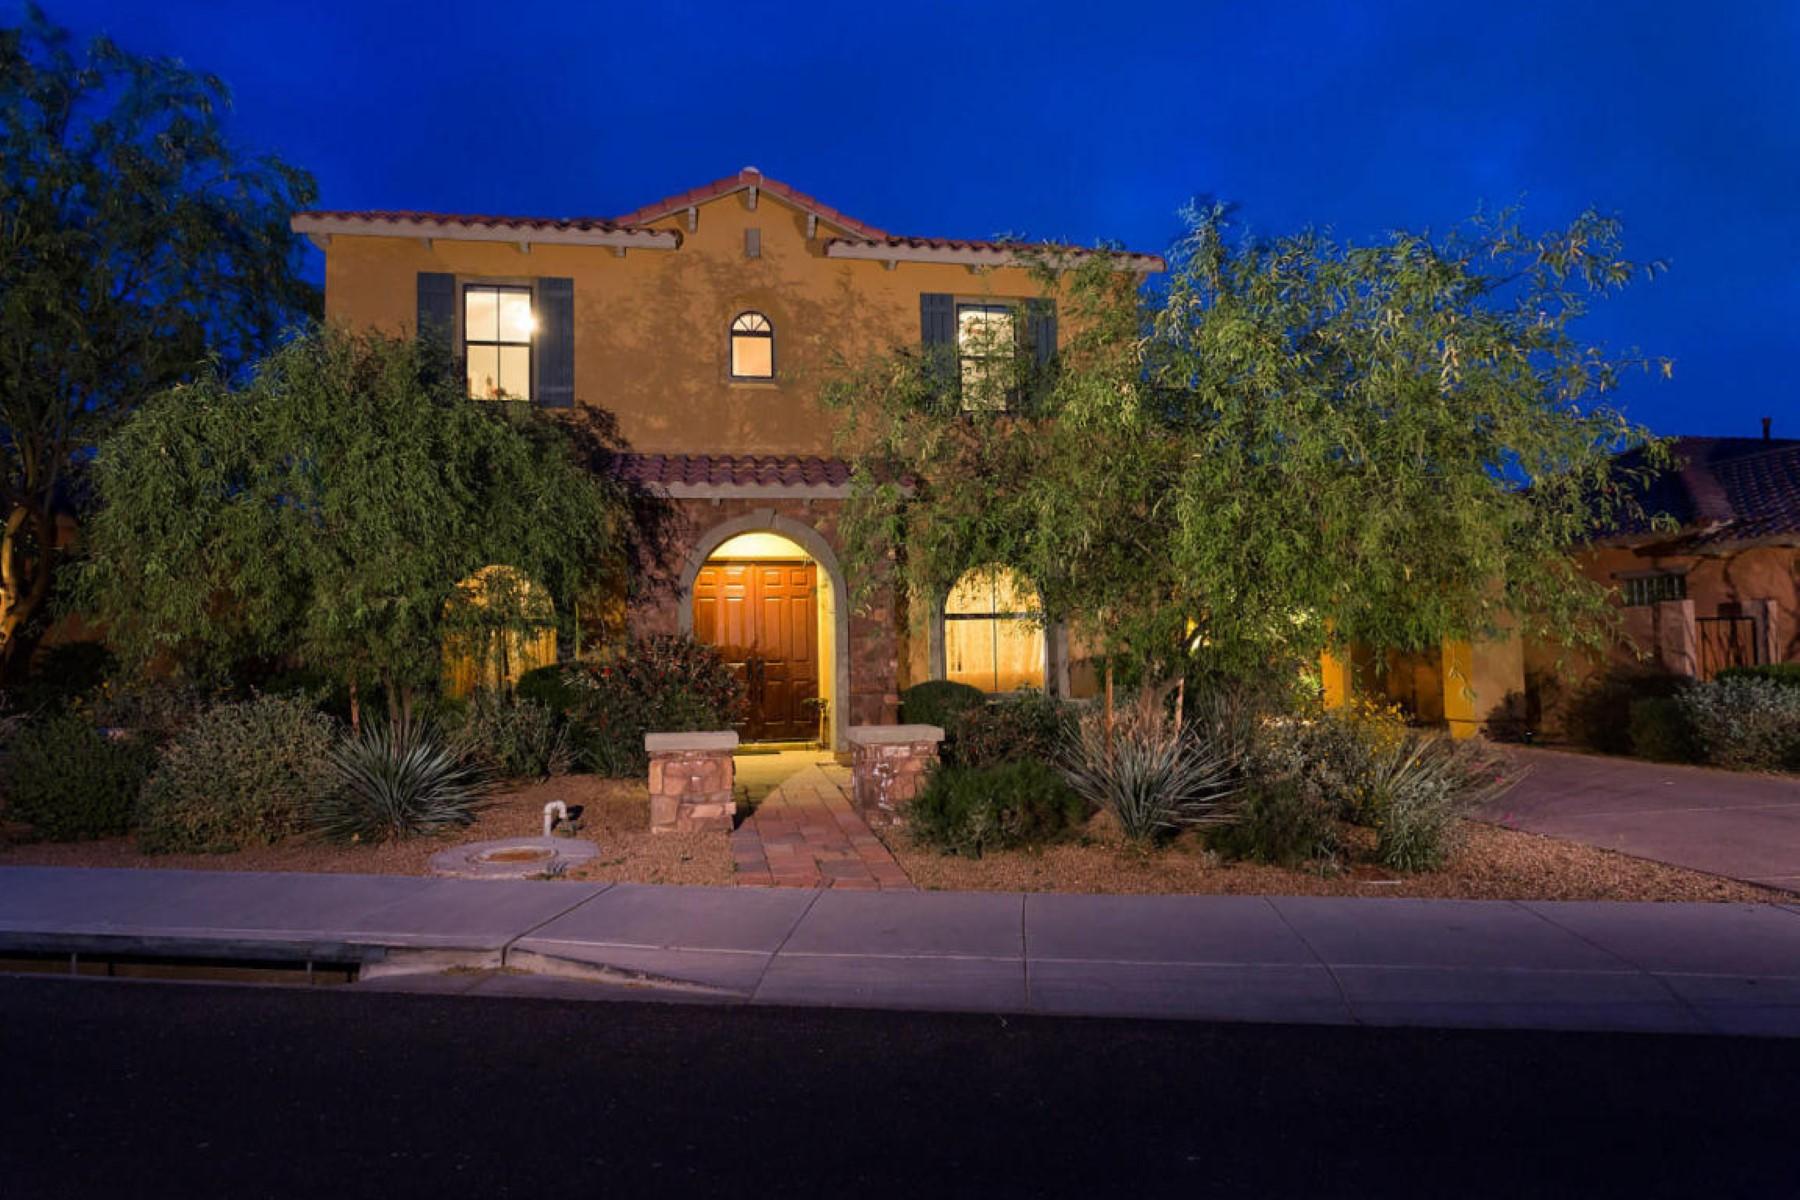 Частный односемейный дом для того Продажа на Stunning and Sought After Torre Model 9867 E Desert Jewel Dr Scottsdale, Аризона, 85255 Соединенные Штаты